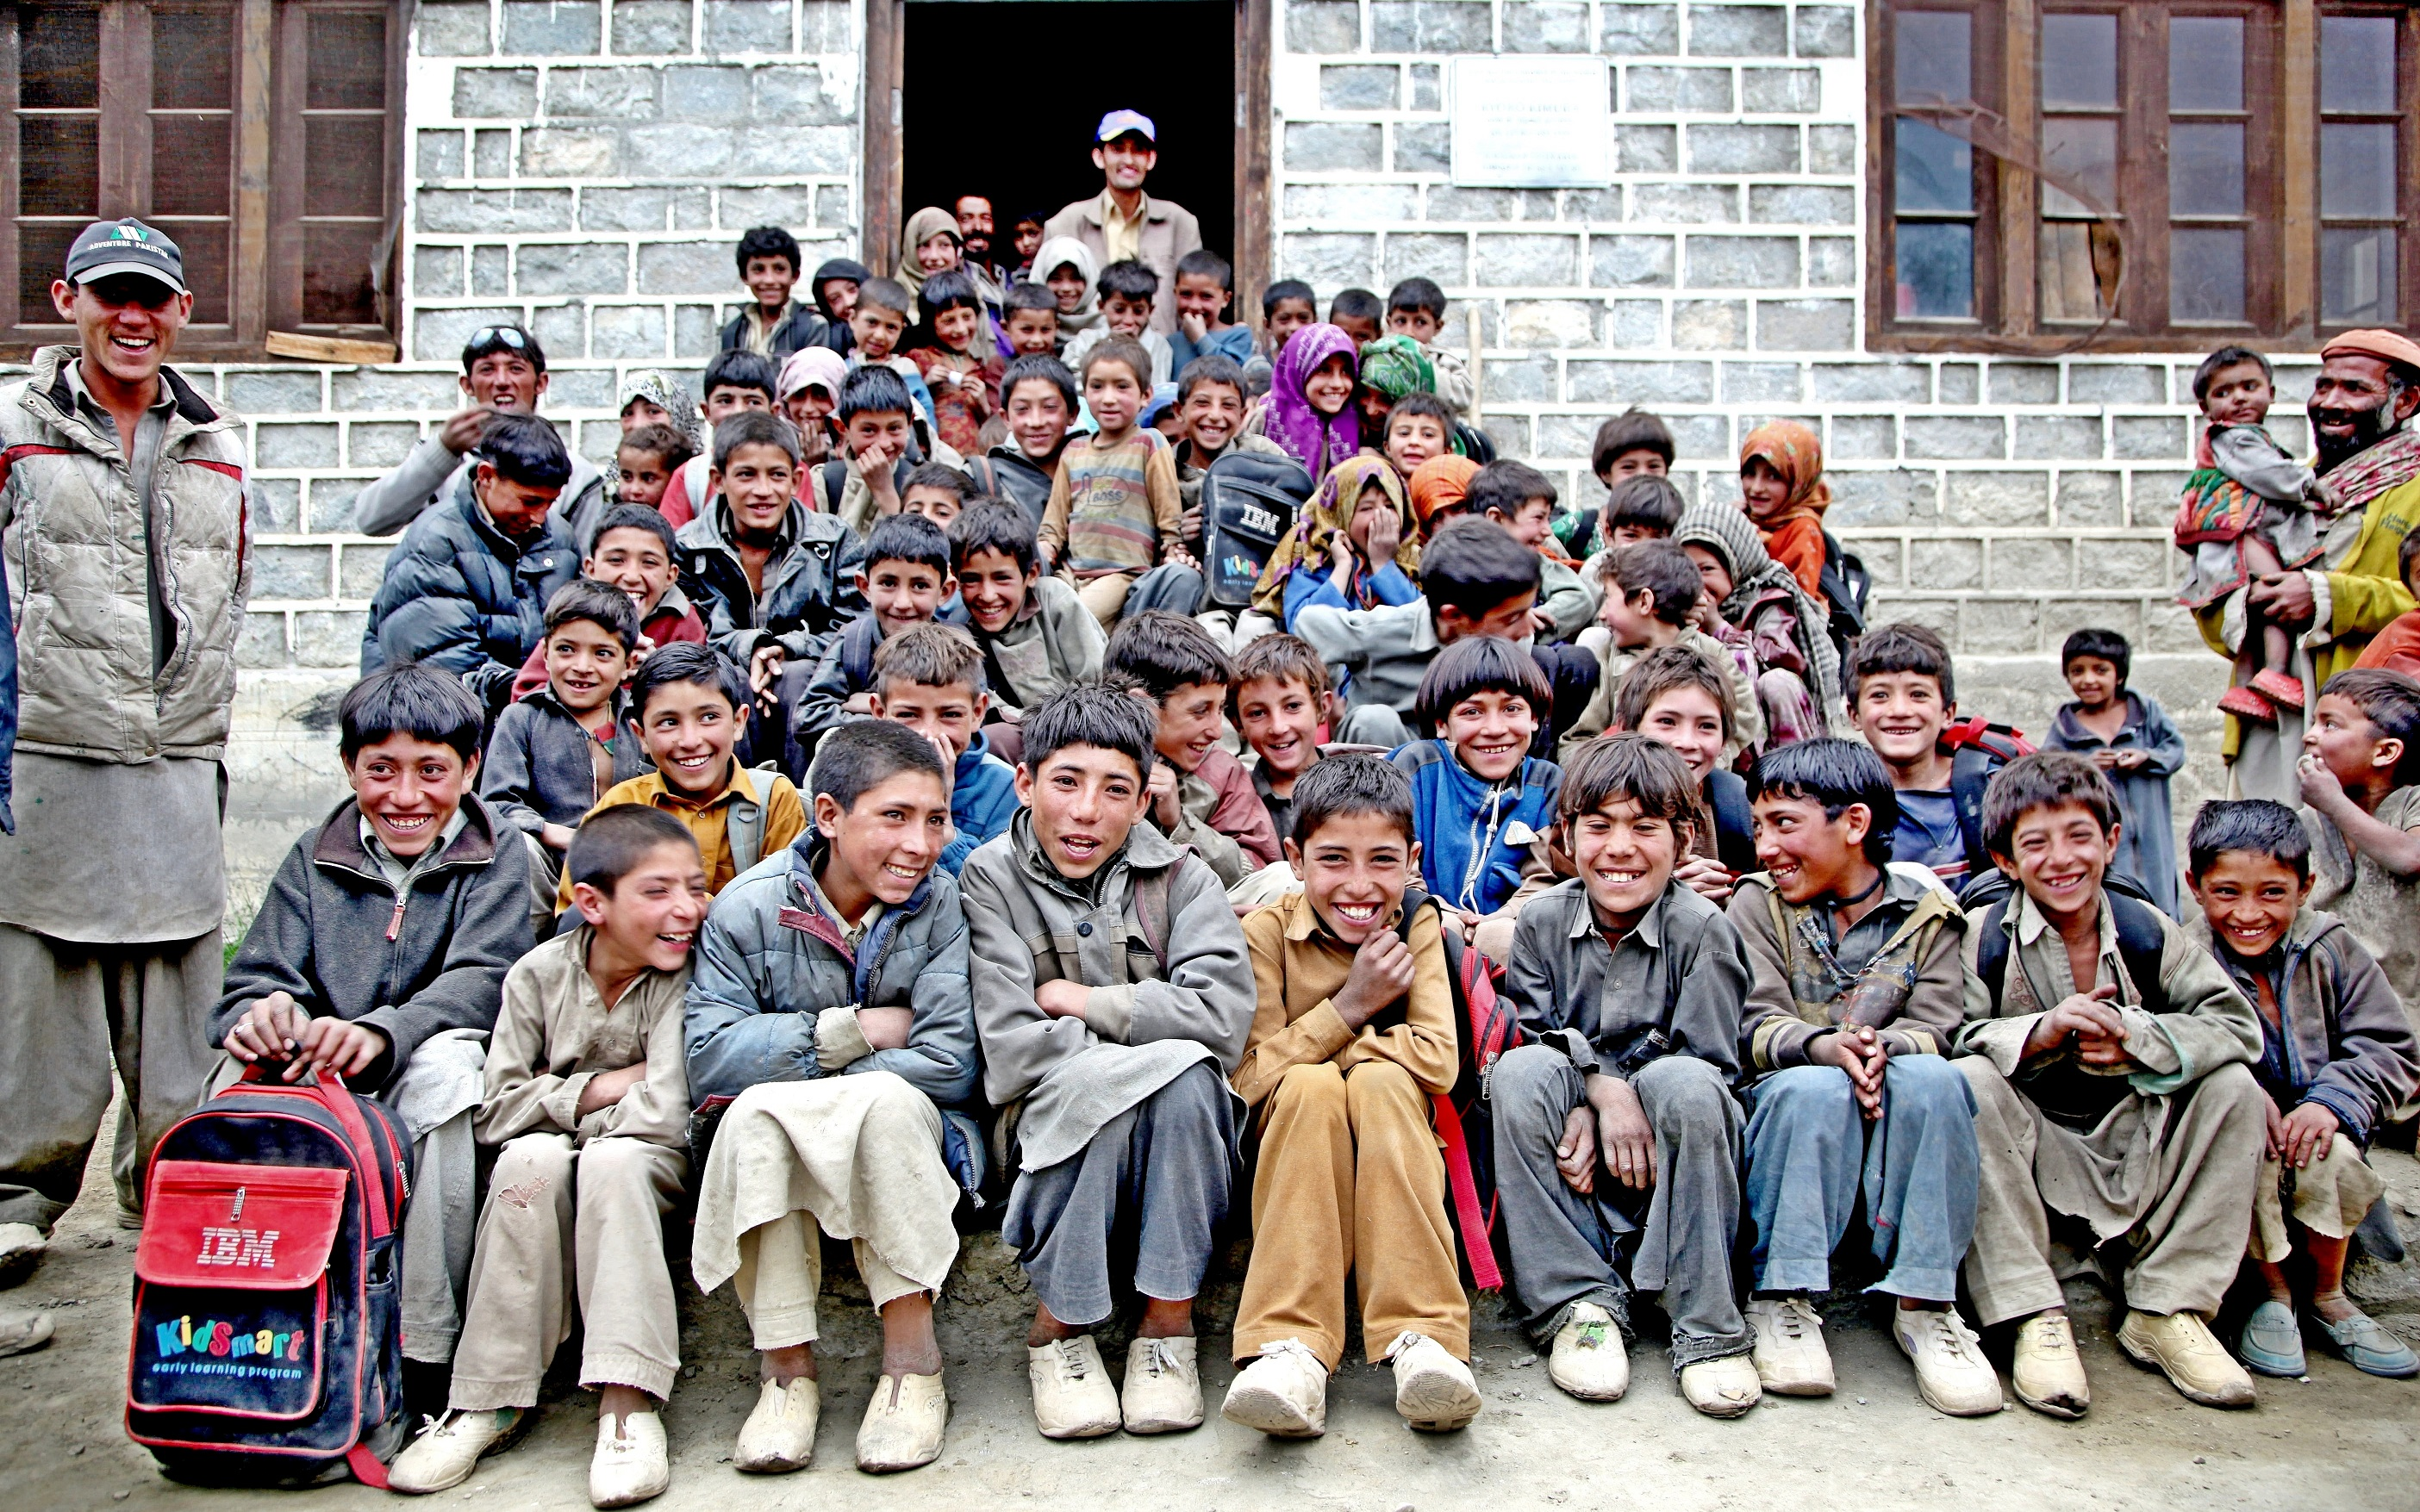 히말라야 학교 아이들을 위한 기부 캠페인